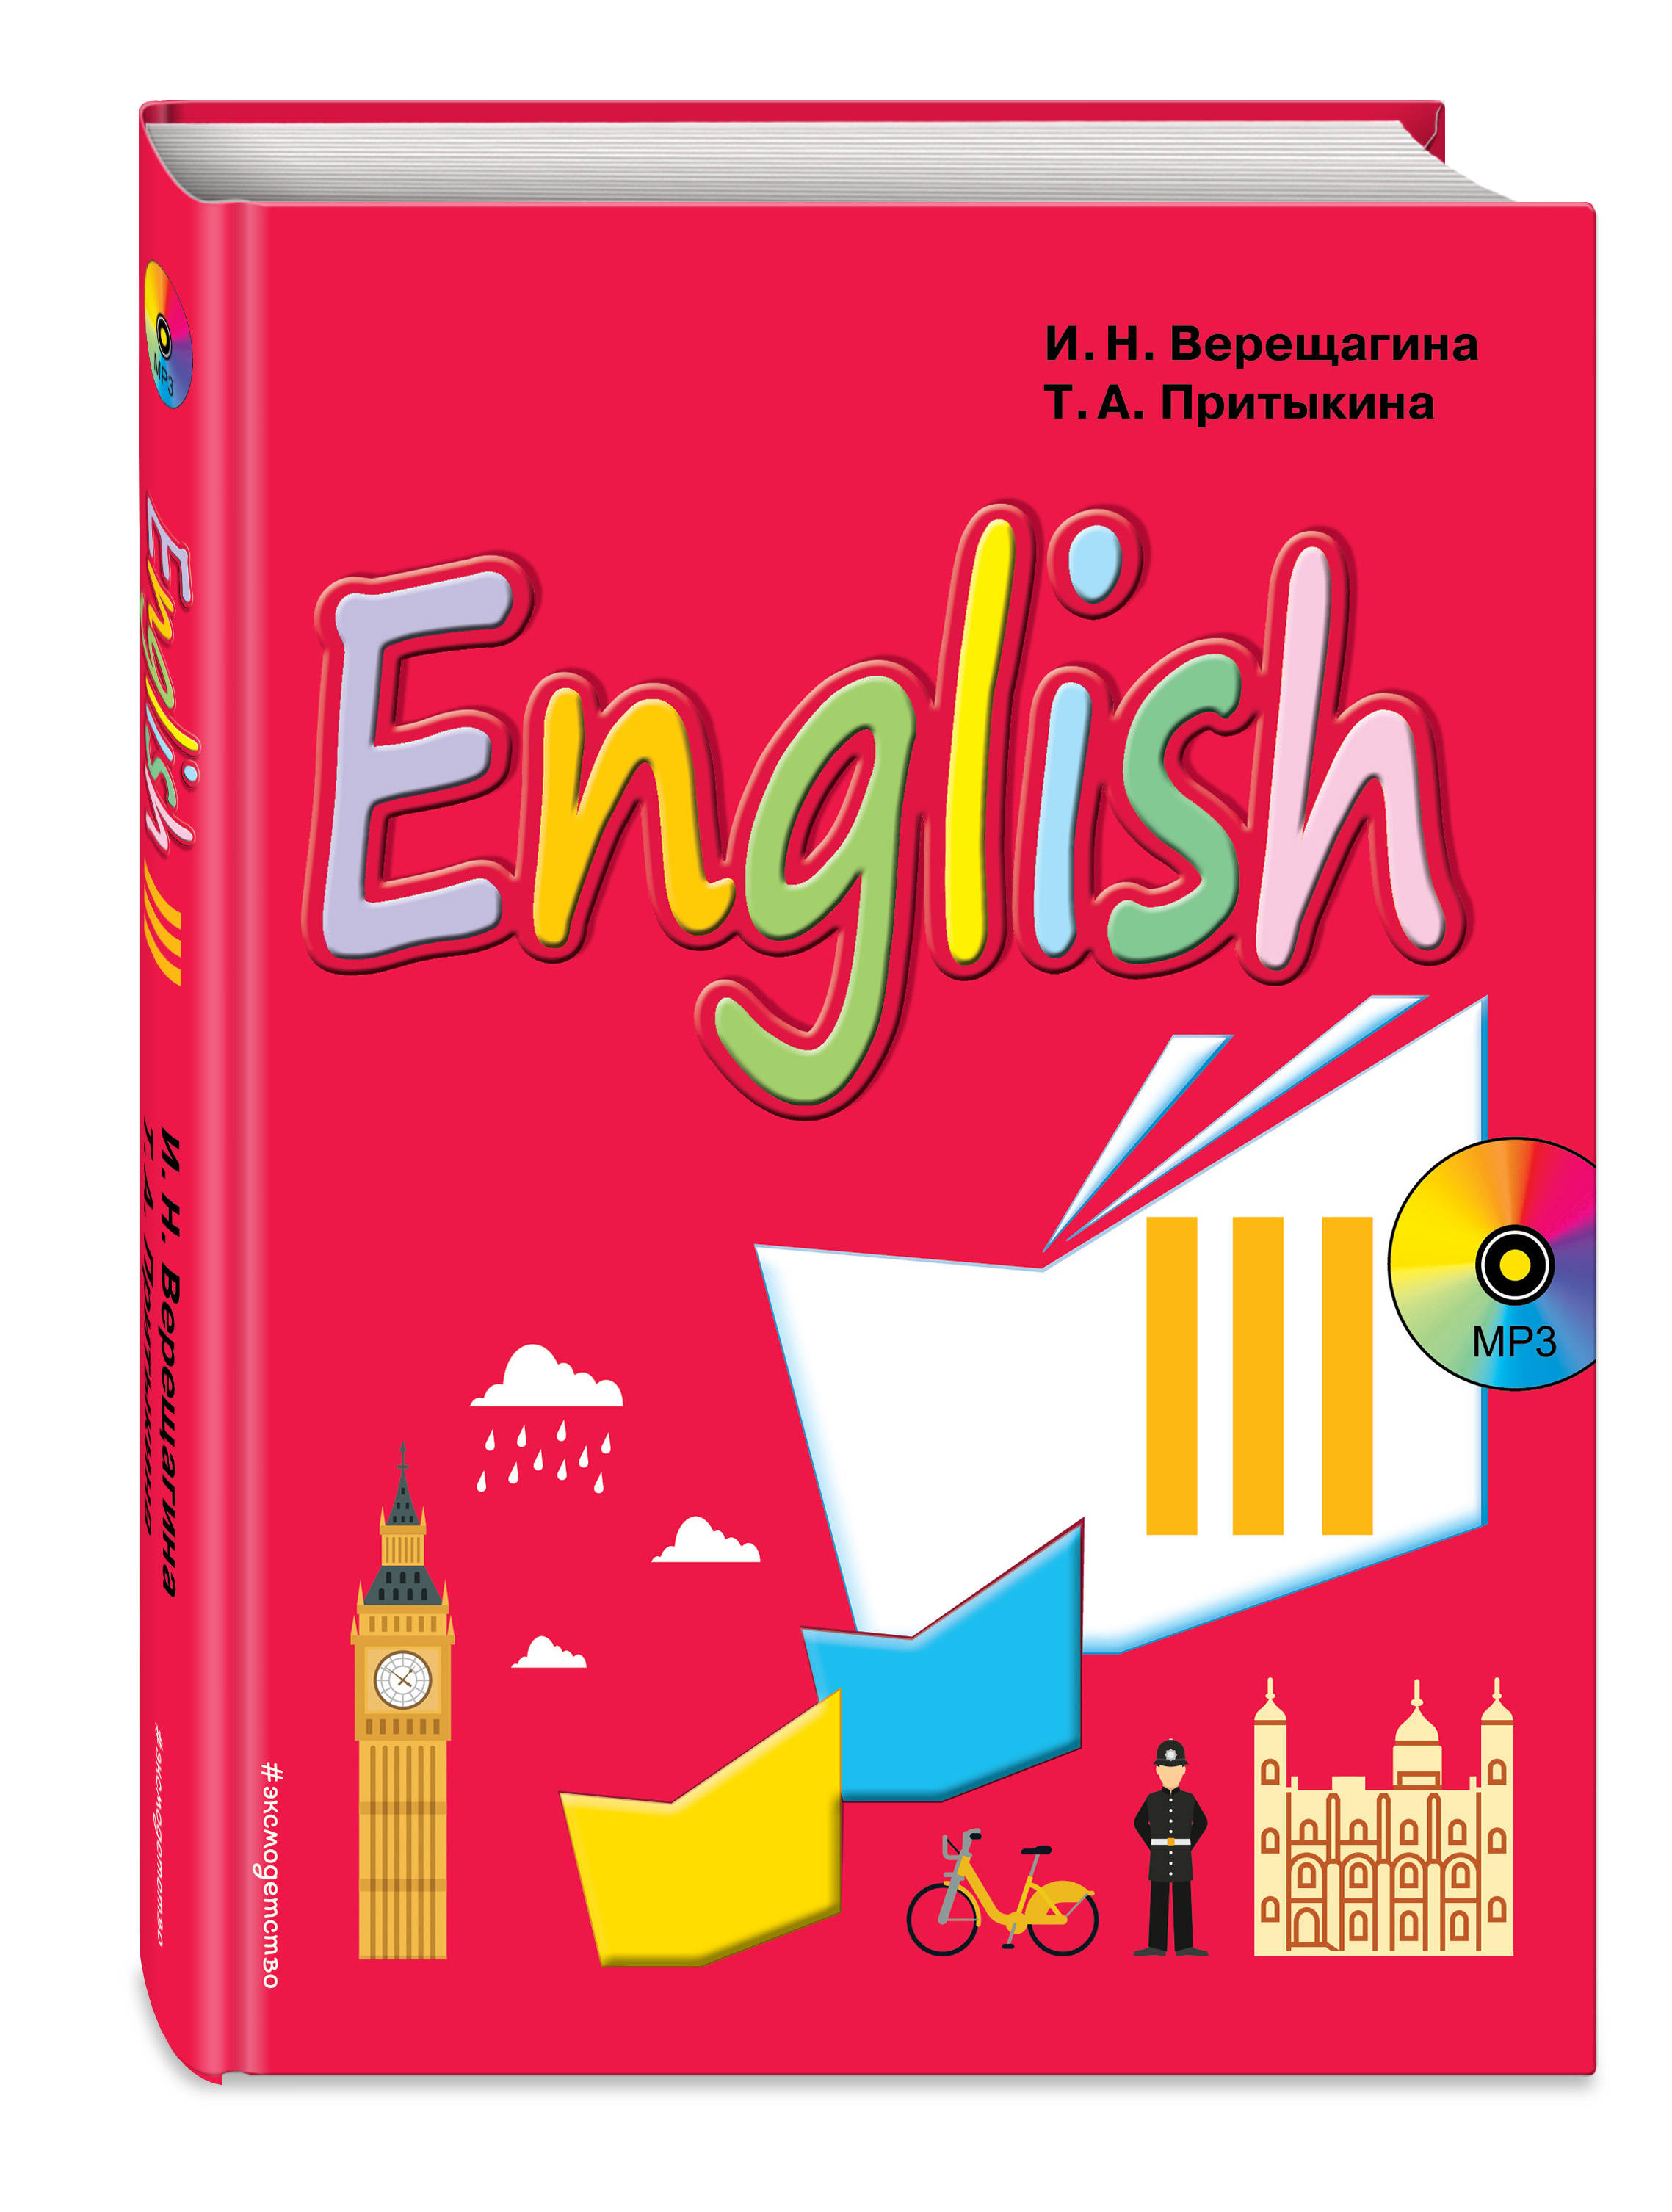 Английский язык. III класс. Учебник + компакт-диск MP3 ( Верещагина Ирина Николаевна, Притыкина Т. А.  )